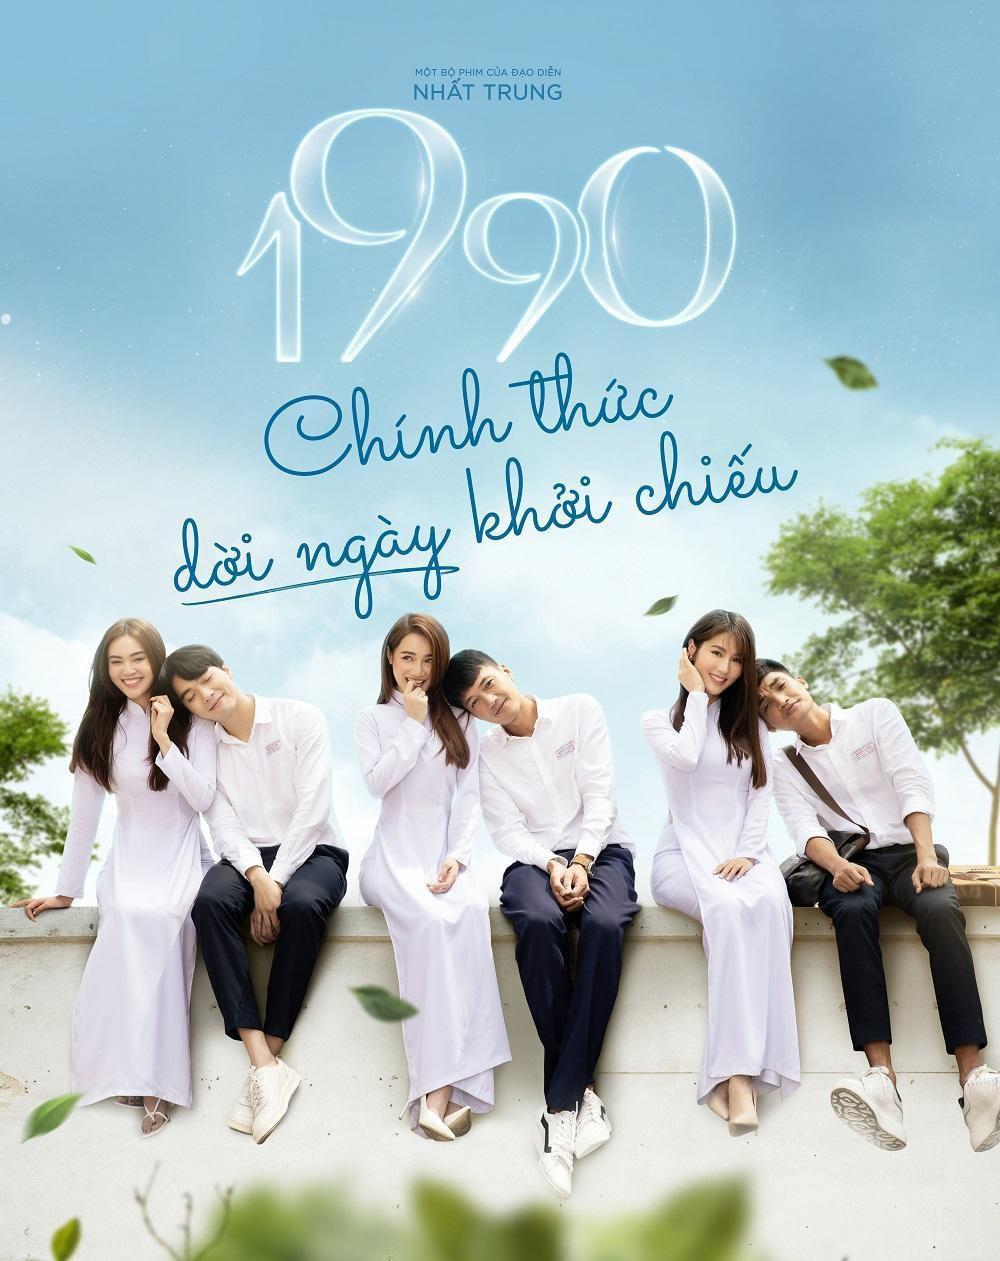 Phim '1990' đột ngột rút khỏi 'chảo lửa' phim Việt tháng 4, không có ngày khởi chiếu mới Ảnh 2